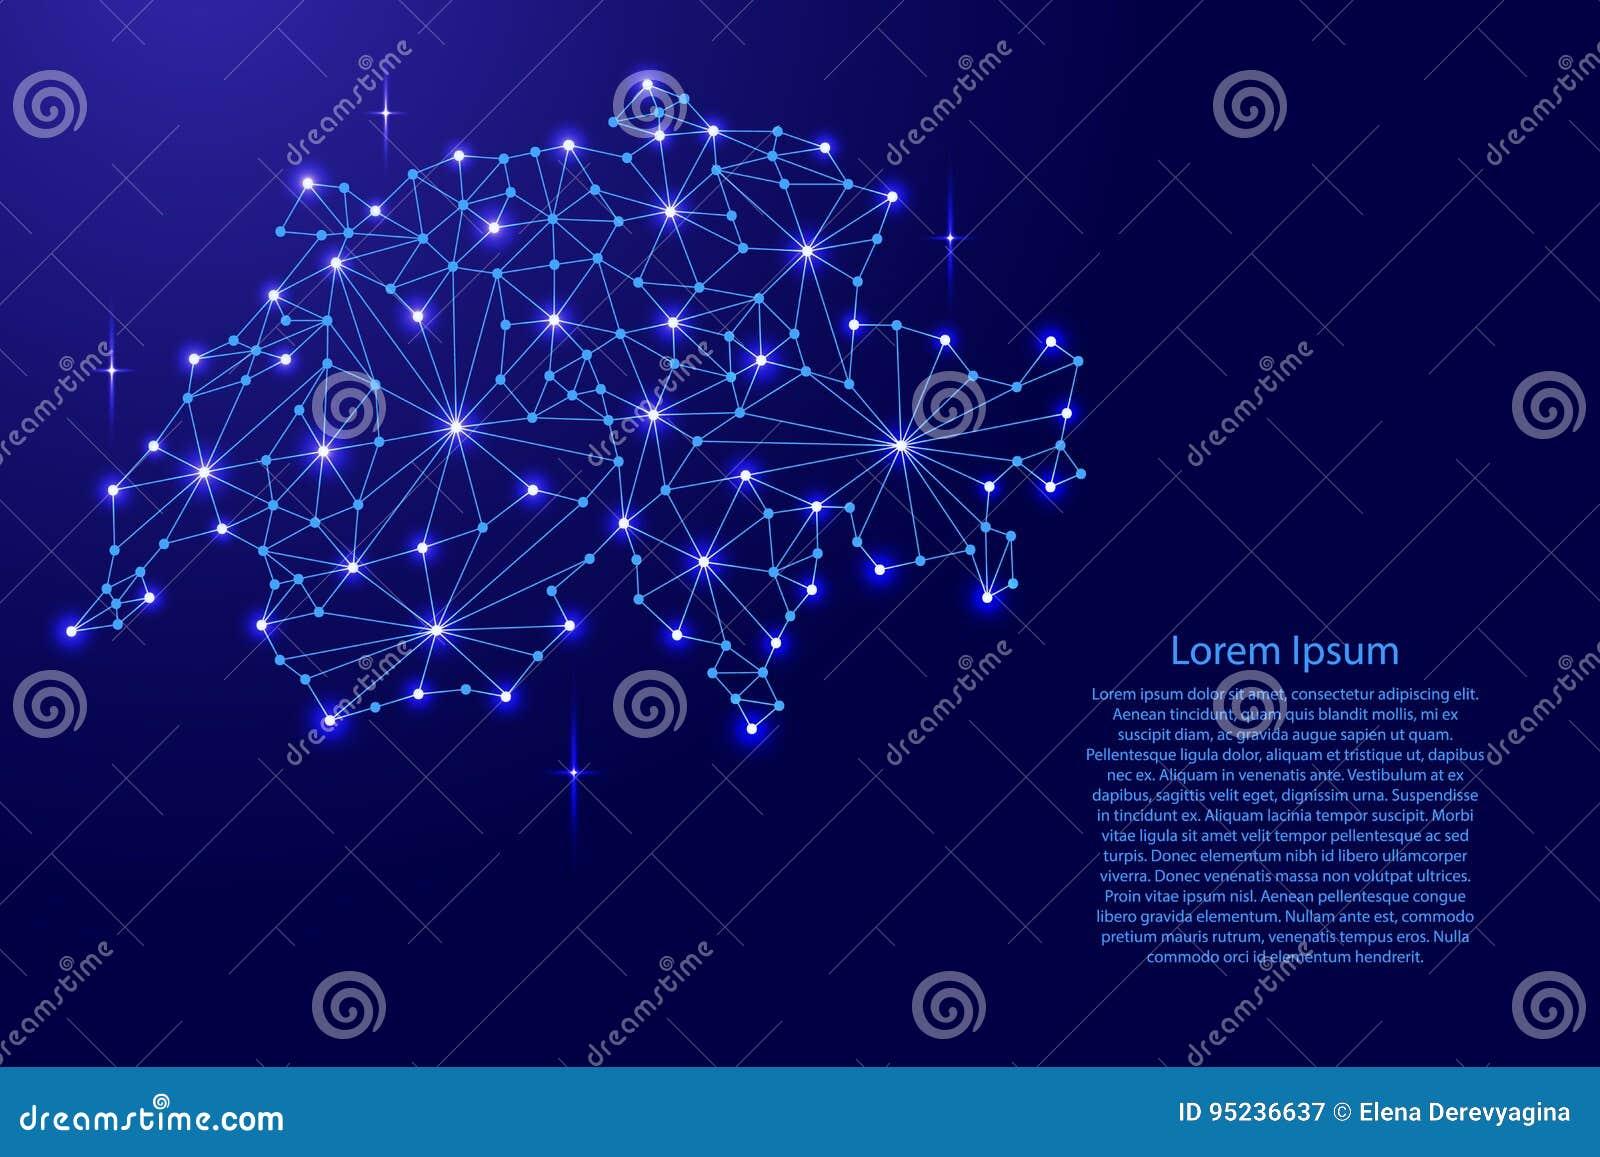 De kaart van Zwitserland van het veelhoekige netwerk van mozaïeklijnen, stralen, ruimtesterren van illustratie